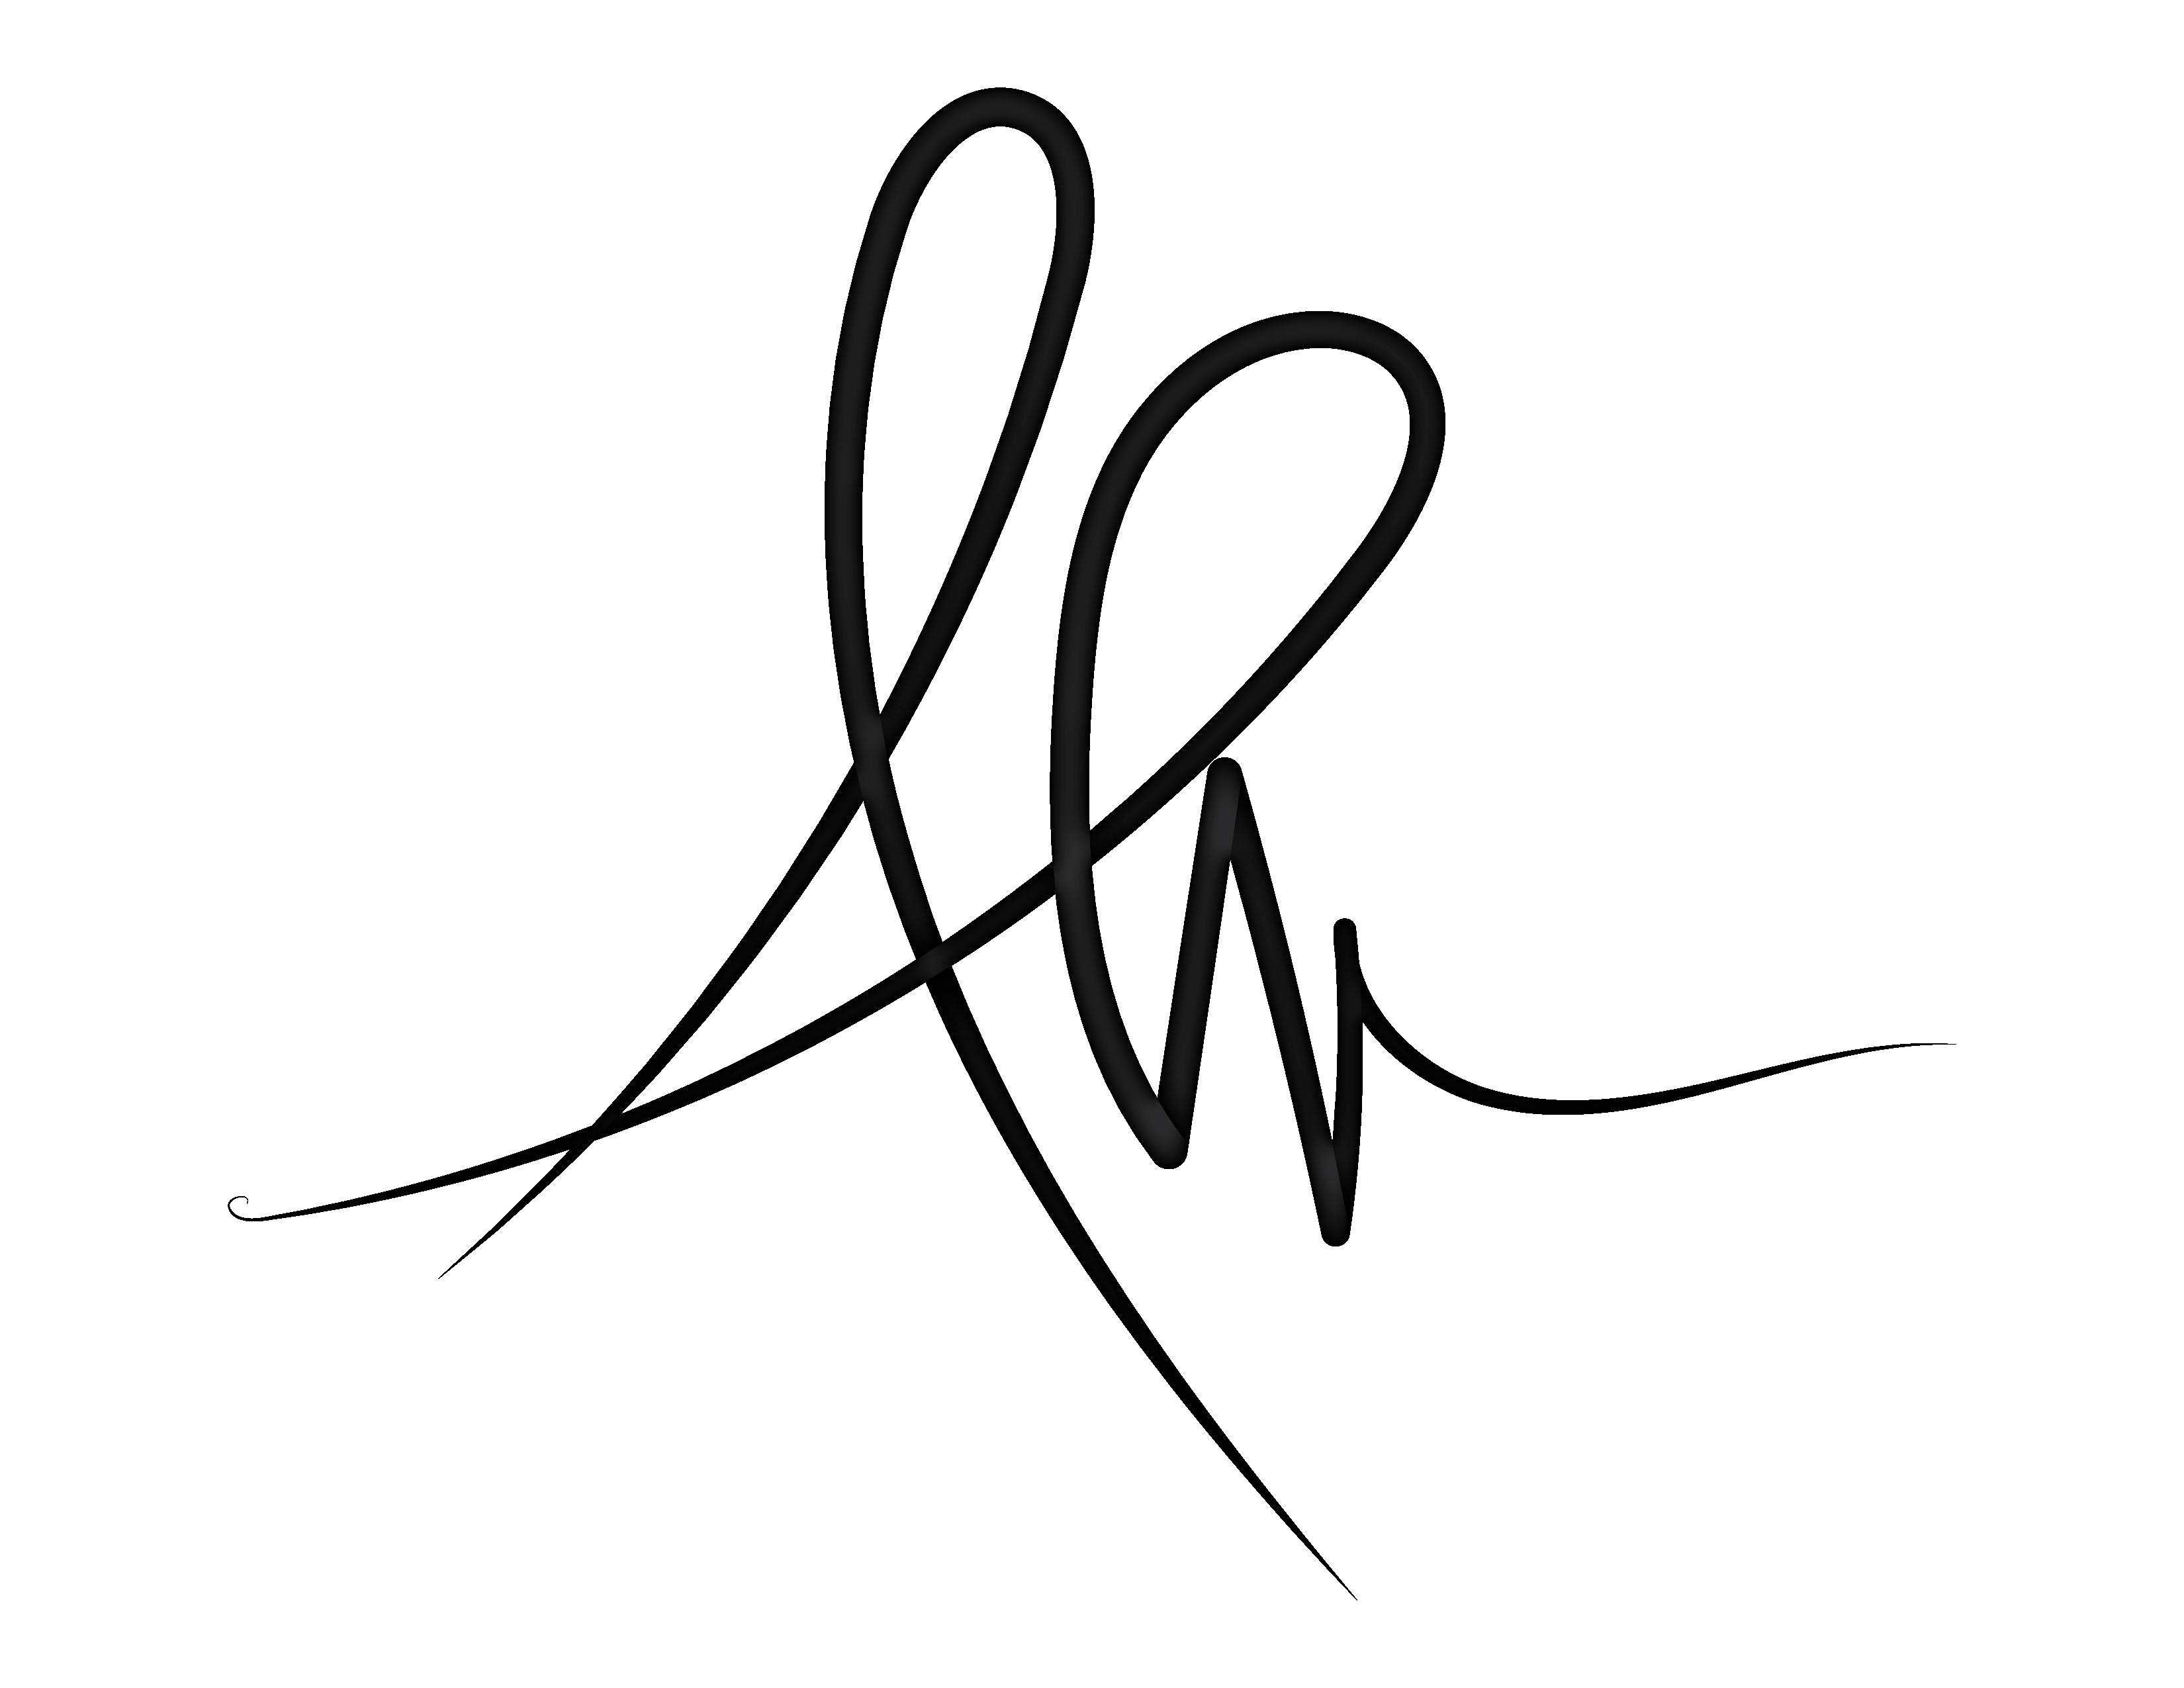 Austin Millsap Signature